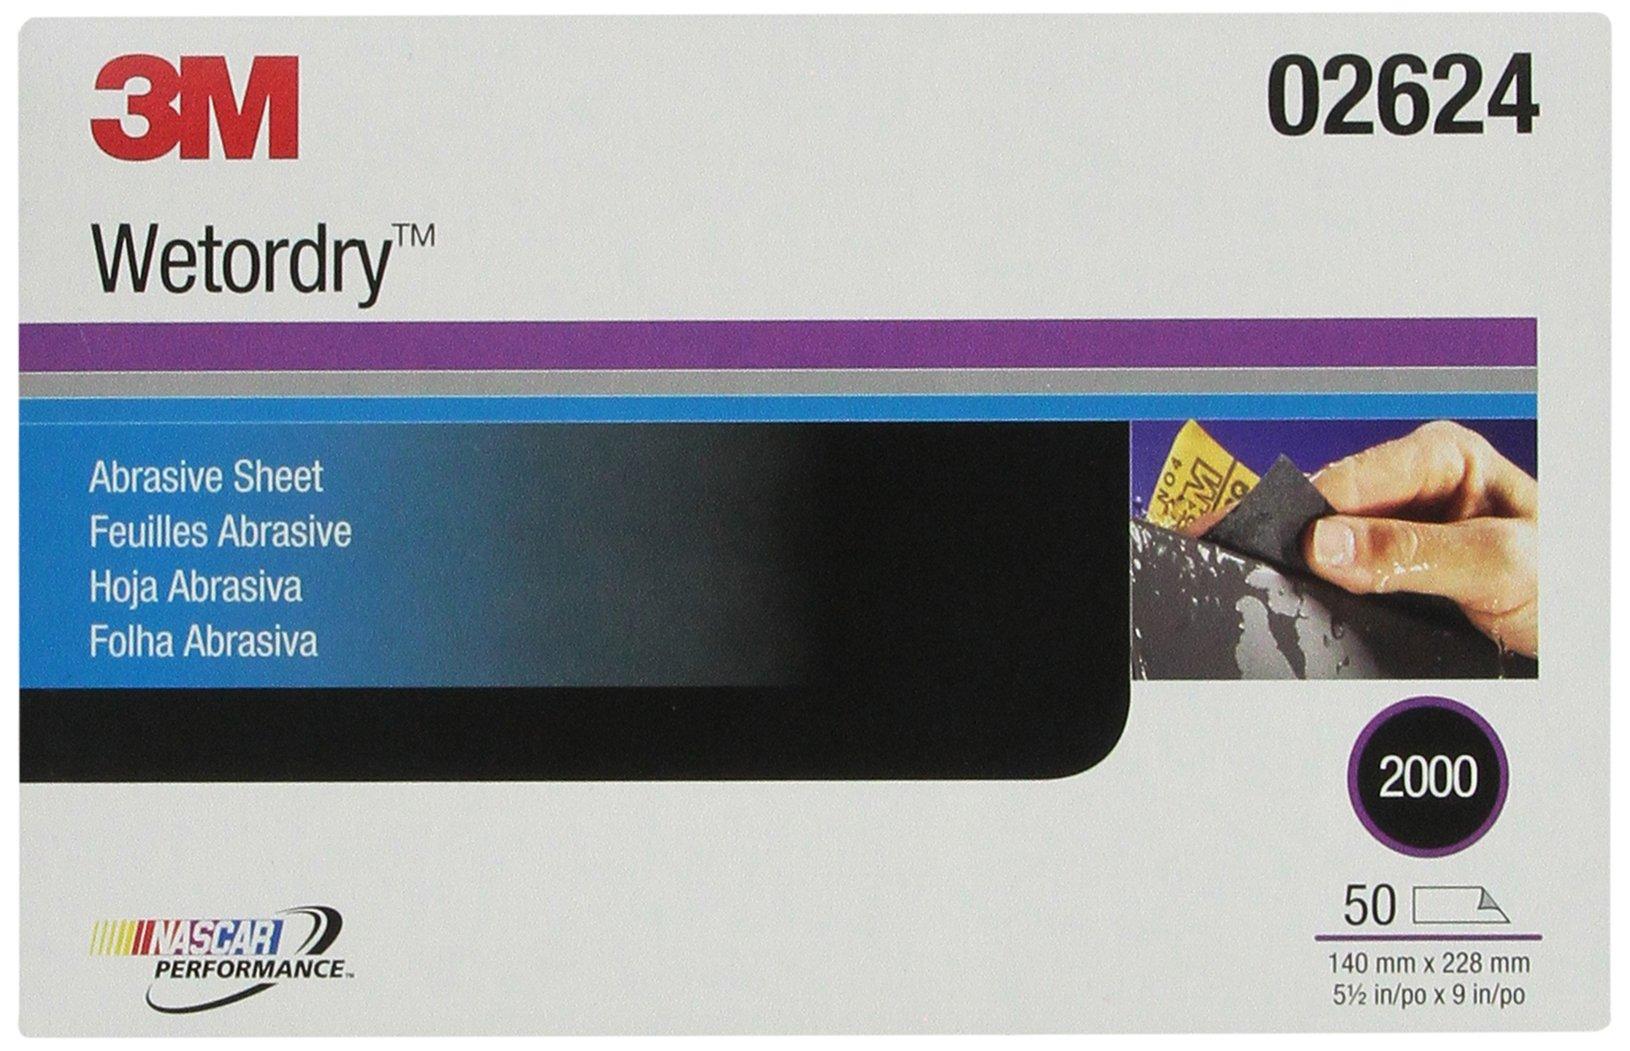 3M Wetordry Abrasive Sheet, 02624, 2000, heavy duty, 5 1/2 in x 9 in, 50 sheets per carton